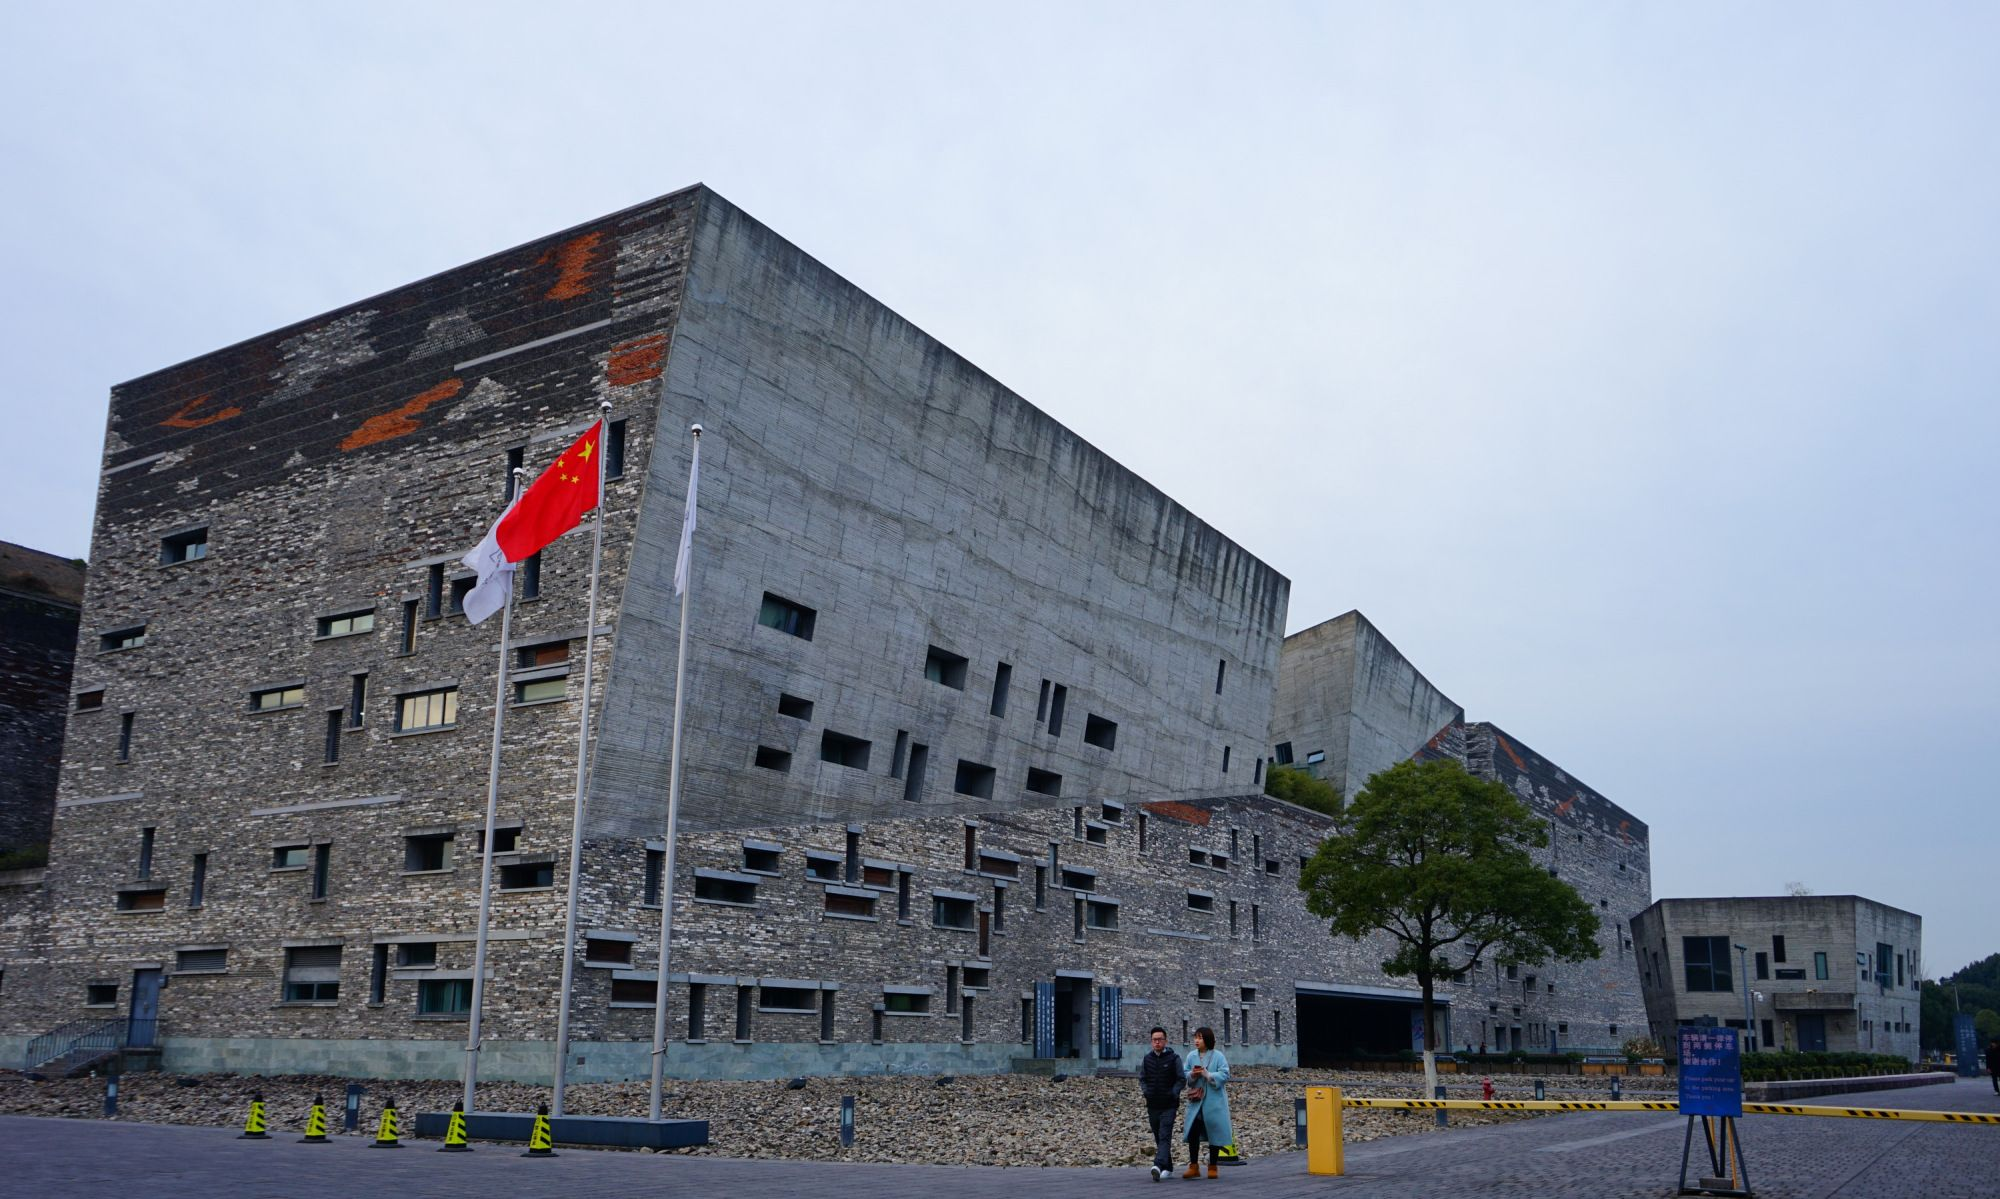 宁波博物馆:牛人设计的别具一格建筑